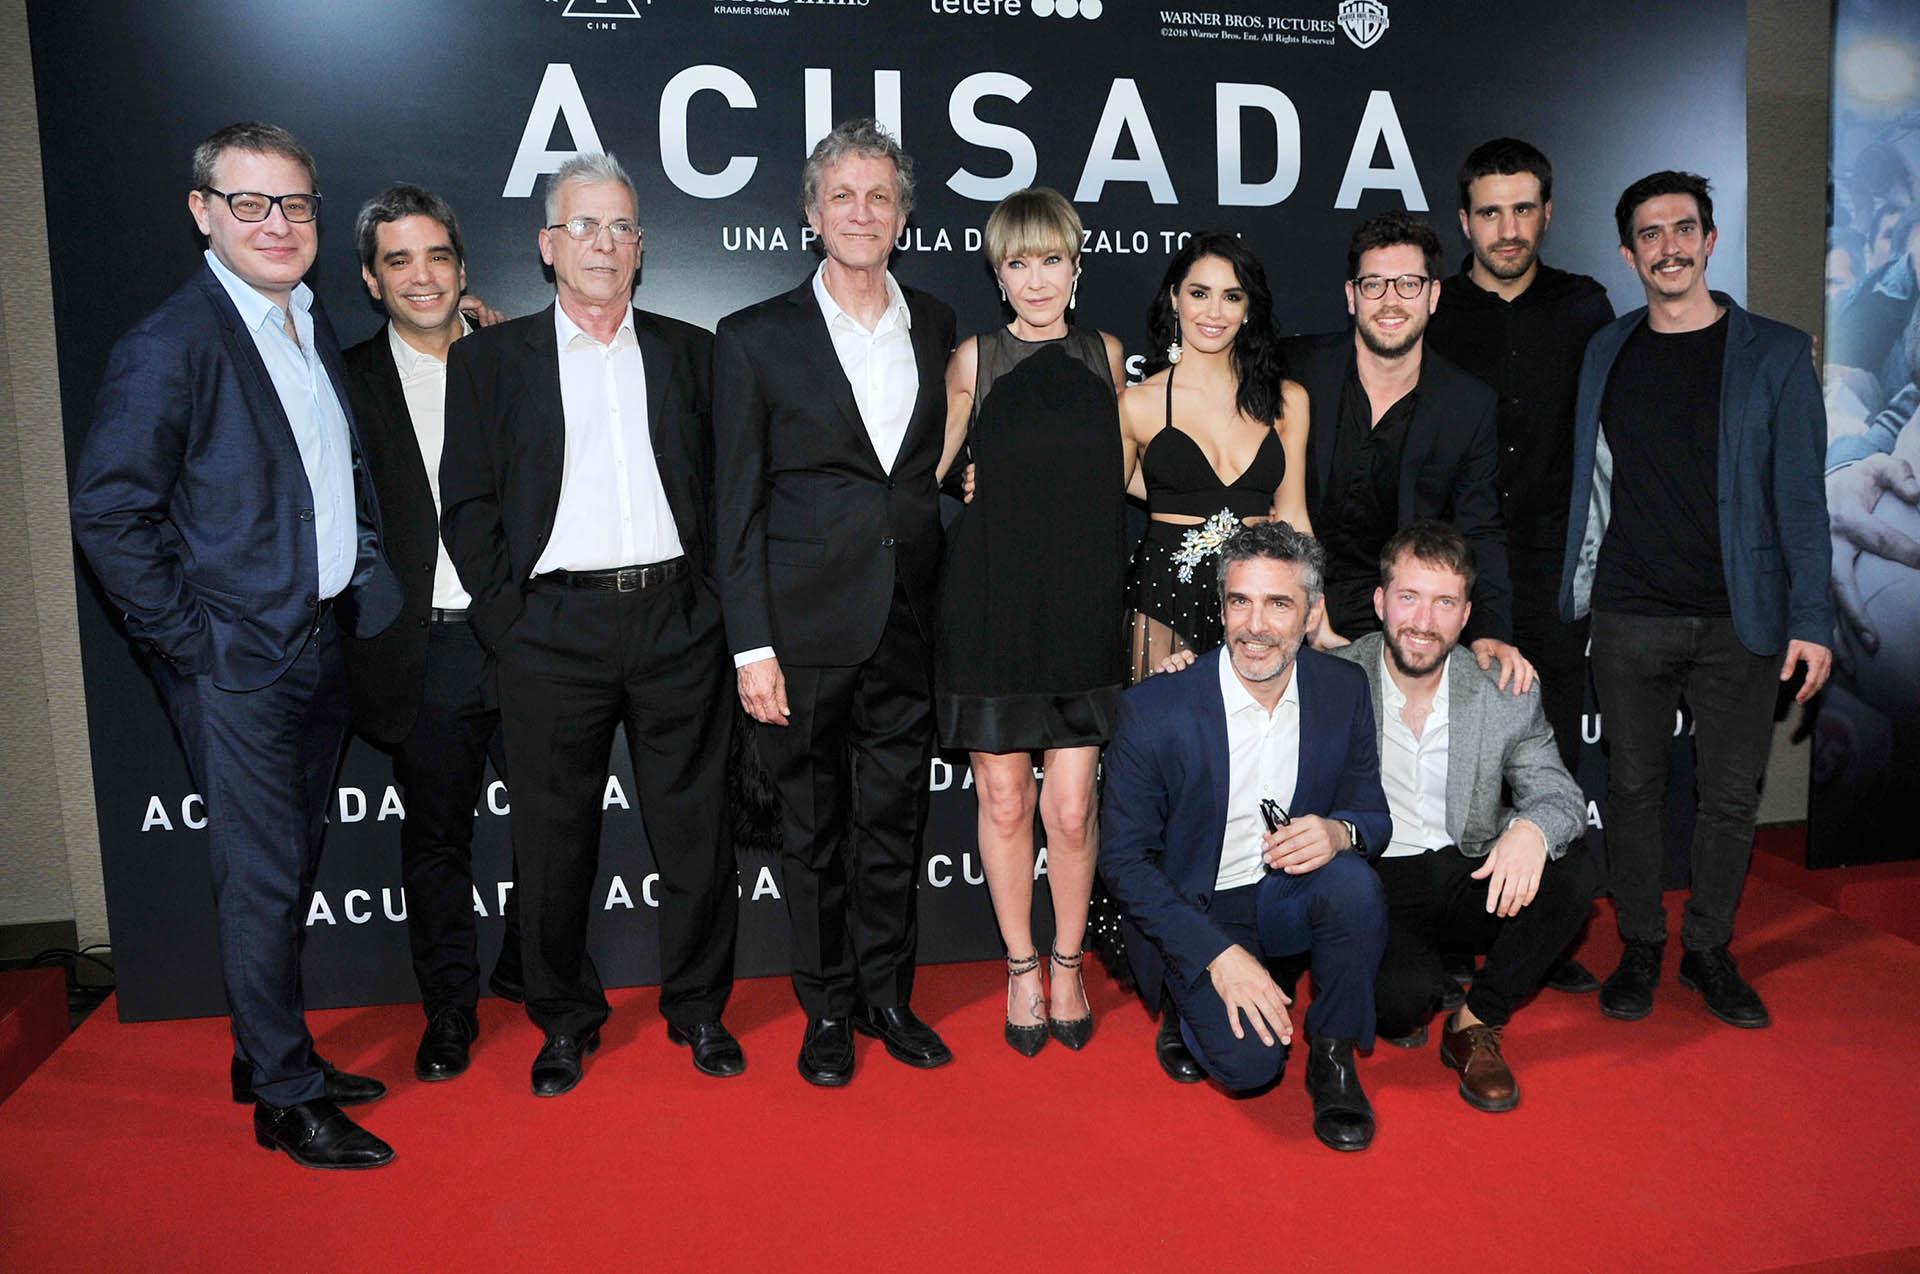 El equipo completo de Acusada